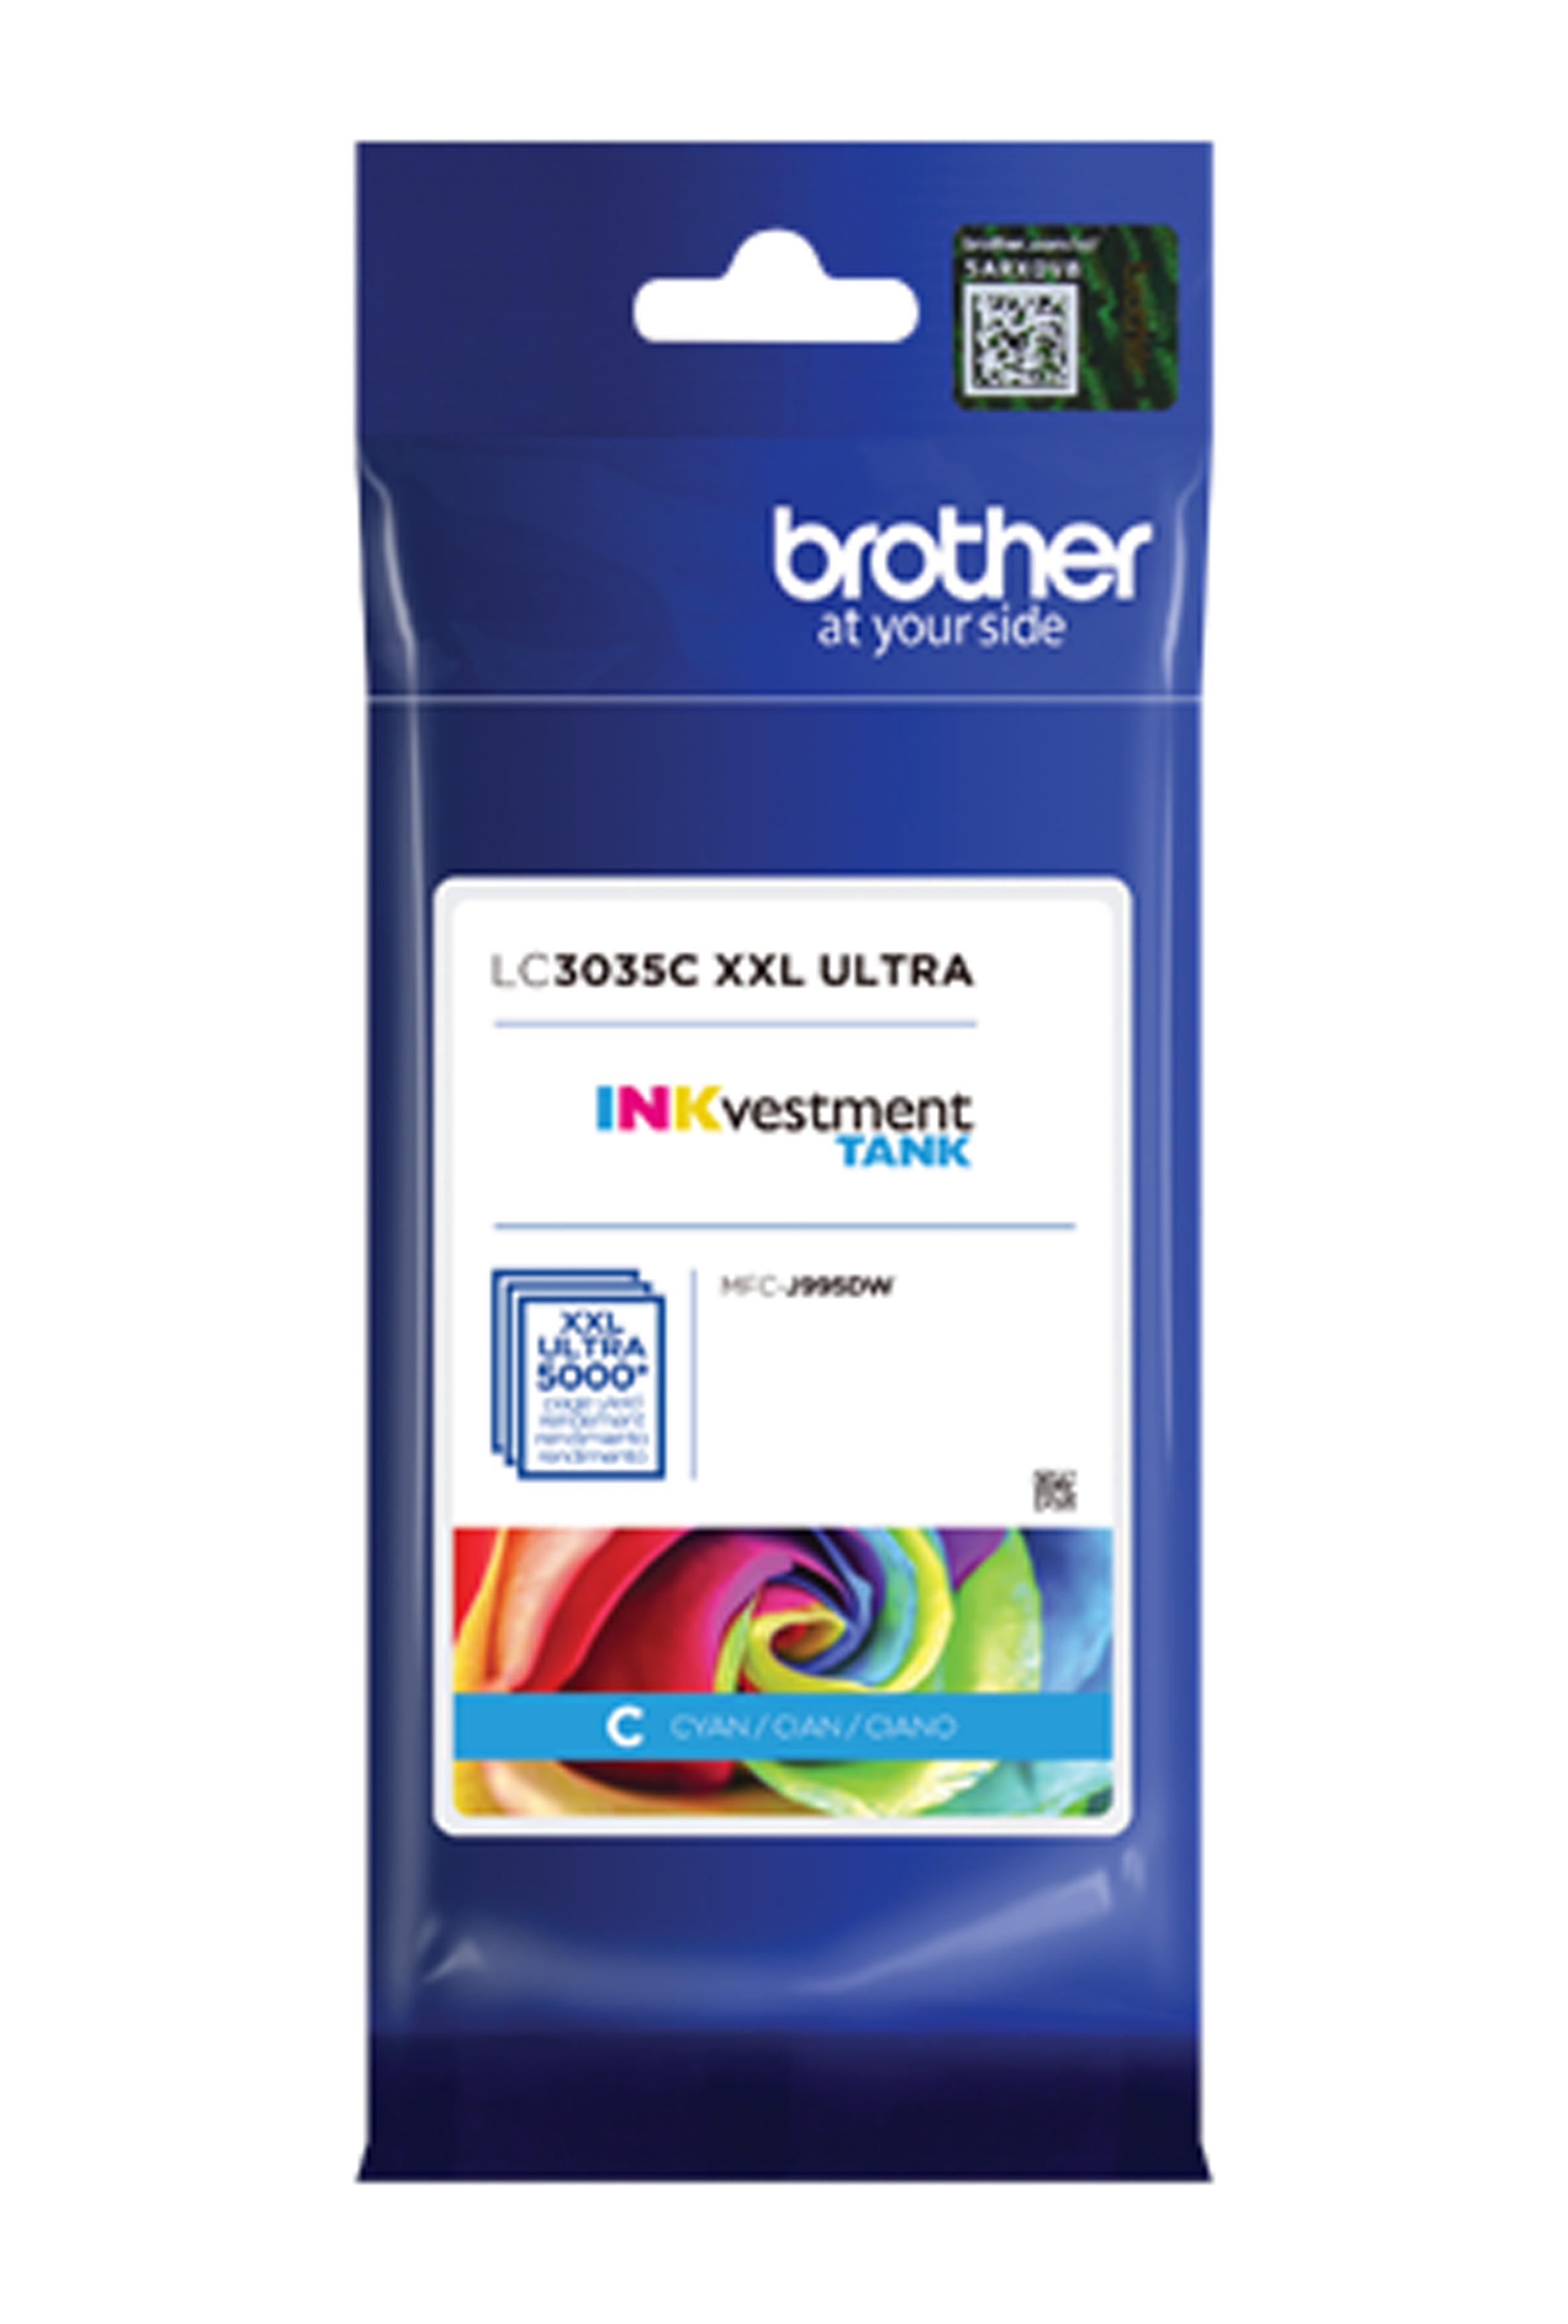 Brother Ultra High Yield Cyan Ink Cartridge (LC3035C)